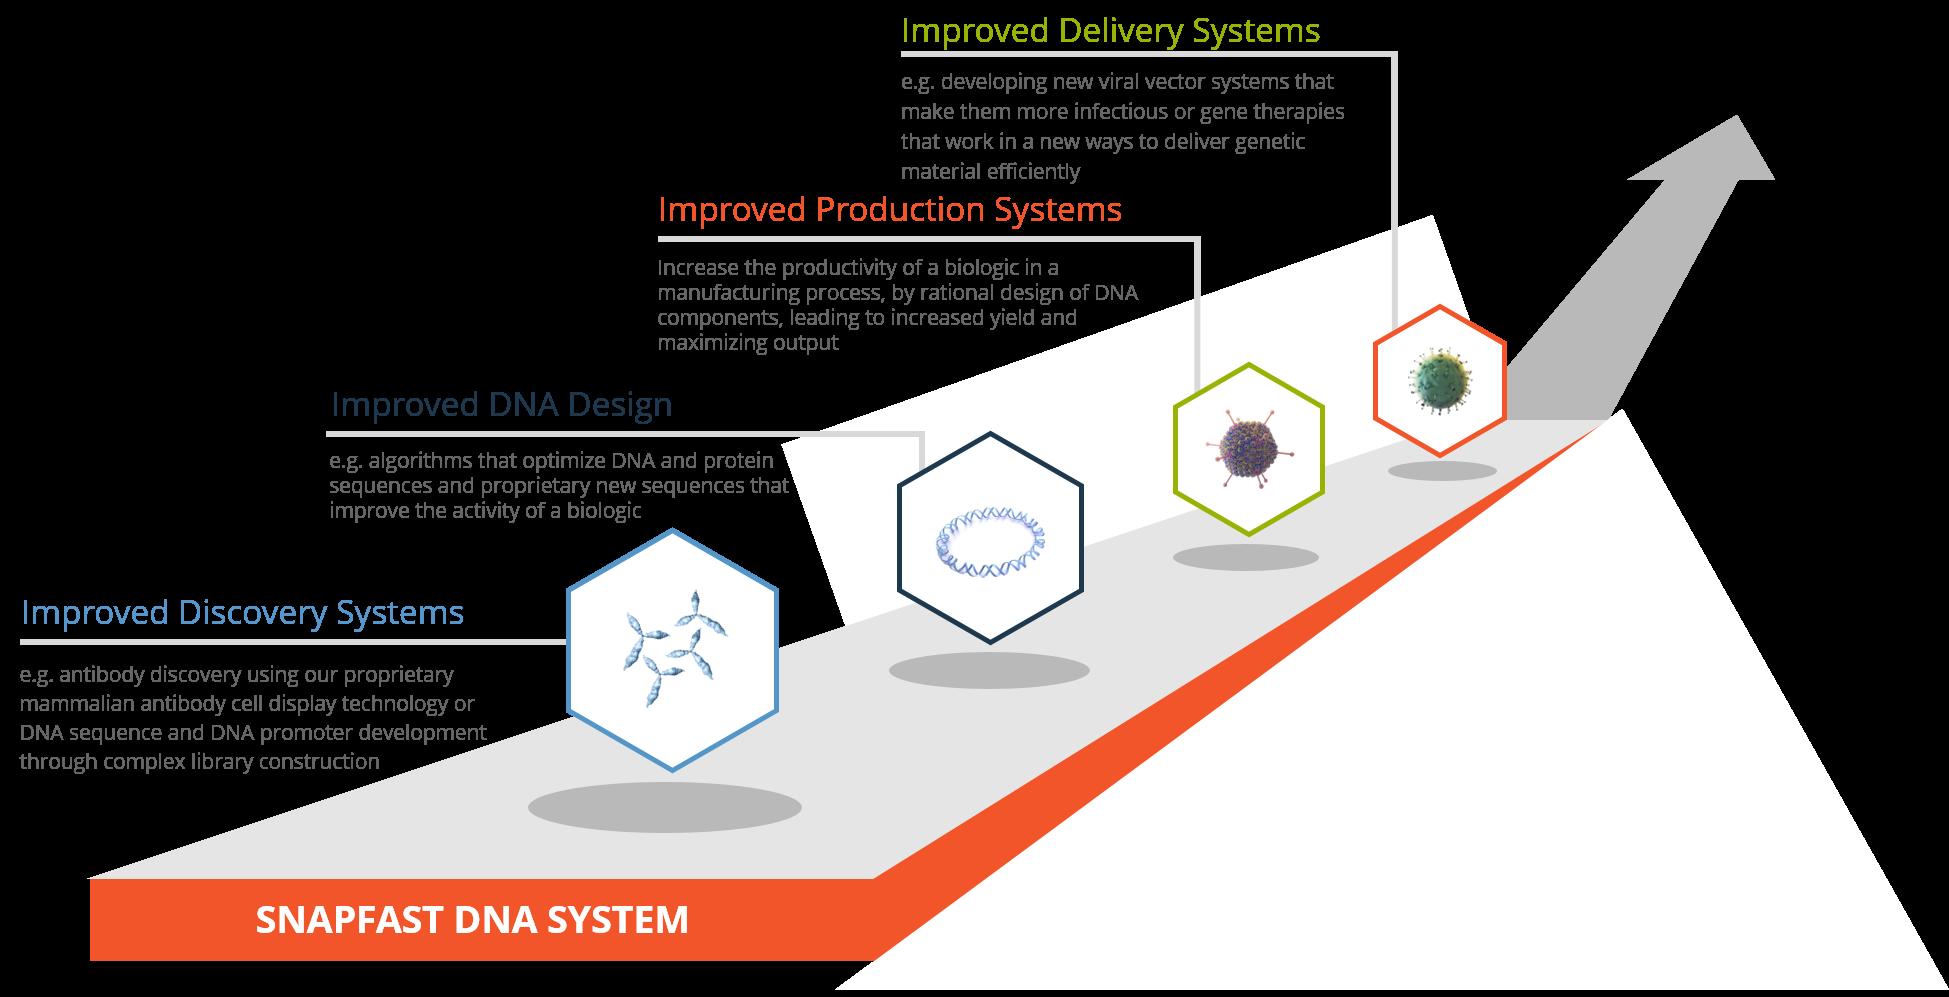 SNAPFAST DNA SYSTEM V6